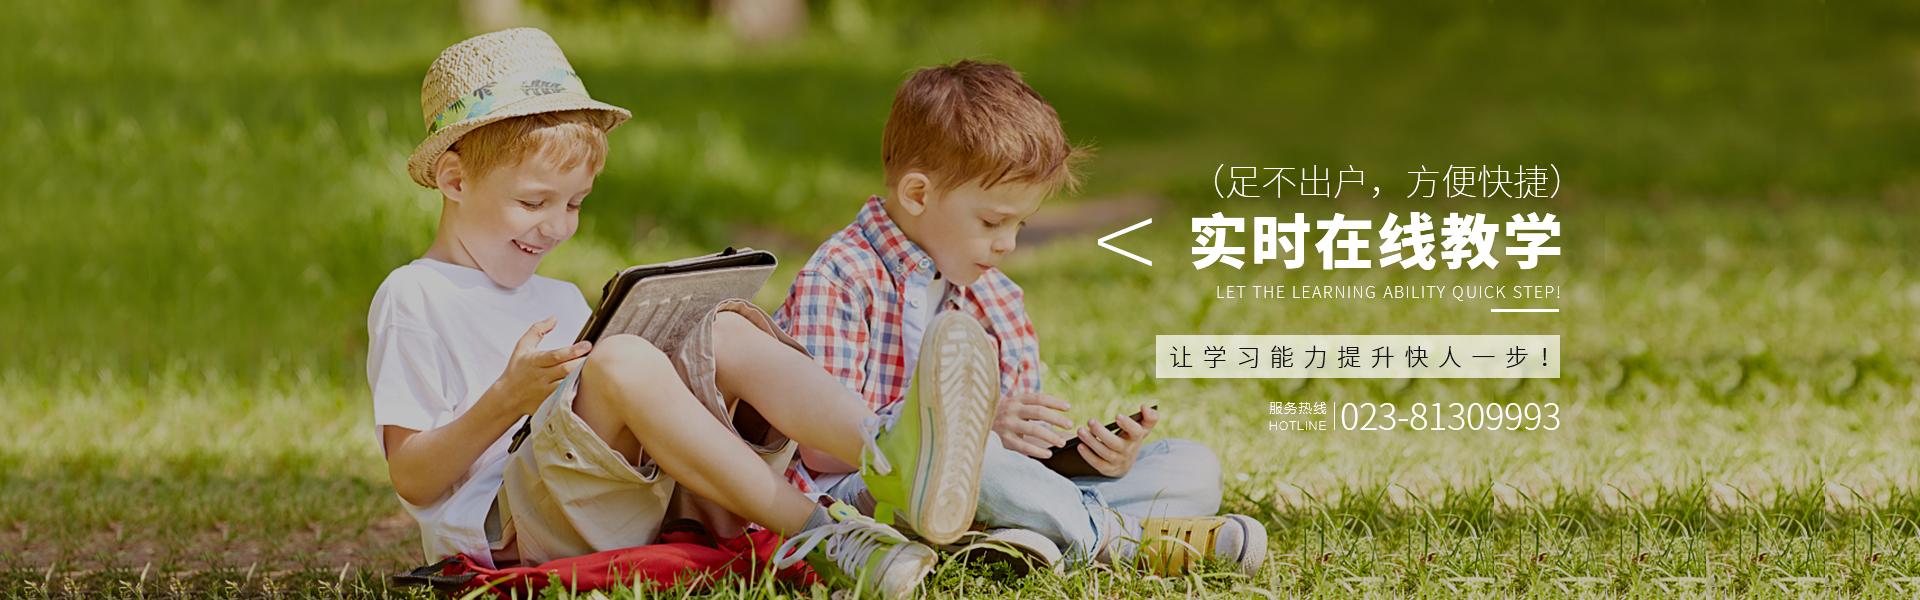 重庆课外补习